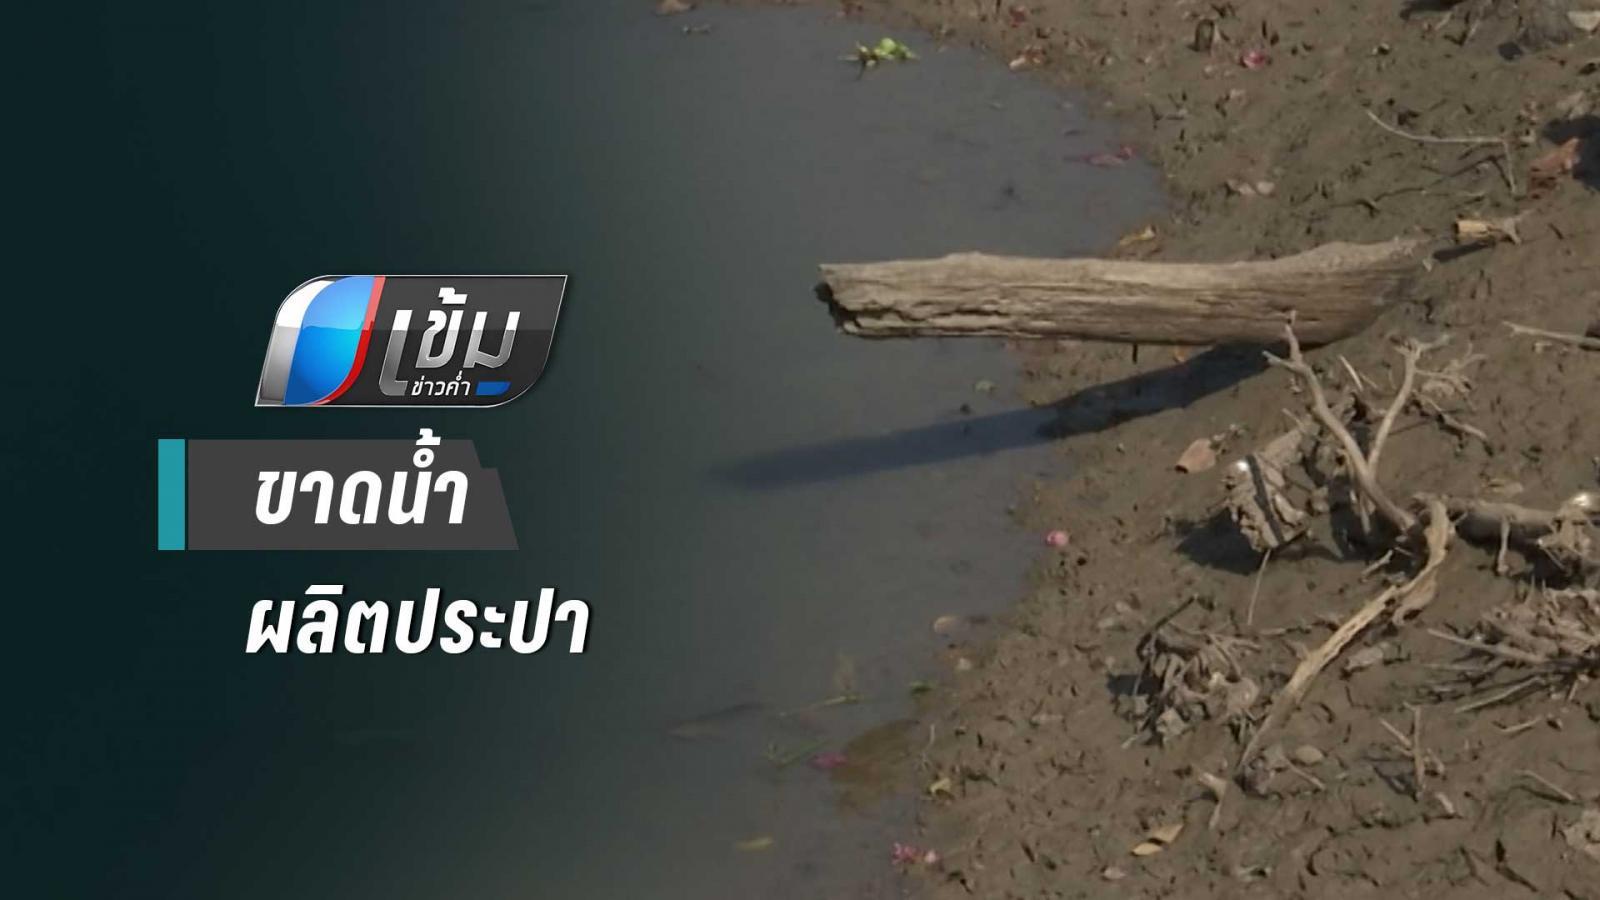 กรมชลฯเร่งเติมน้ำคลองระพีพัฒน์ หลังแห้งขอด ขาดน้ำผลิตประปา